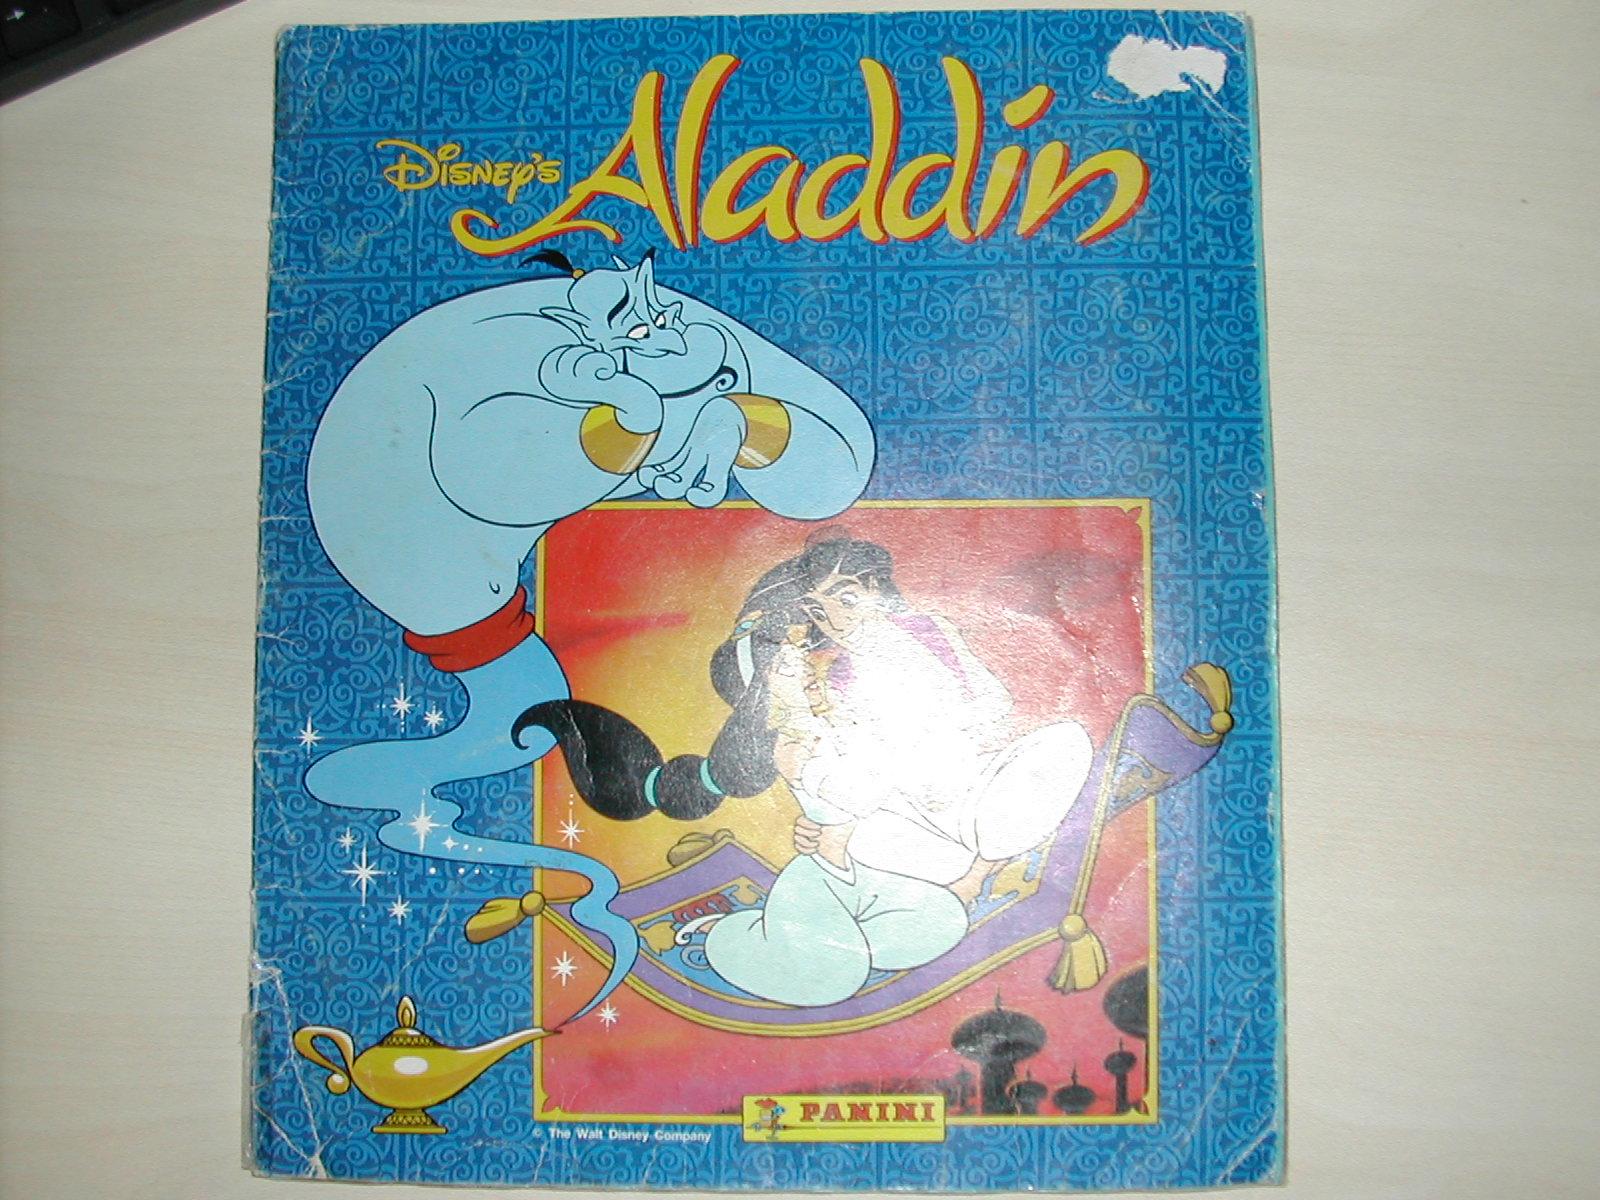 ALADDIN. PANINI WALT DISNEY. COMPLETO (Coleccionismo - Cromos y Álbumes - Álbumes Completos)